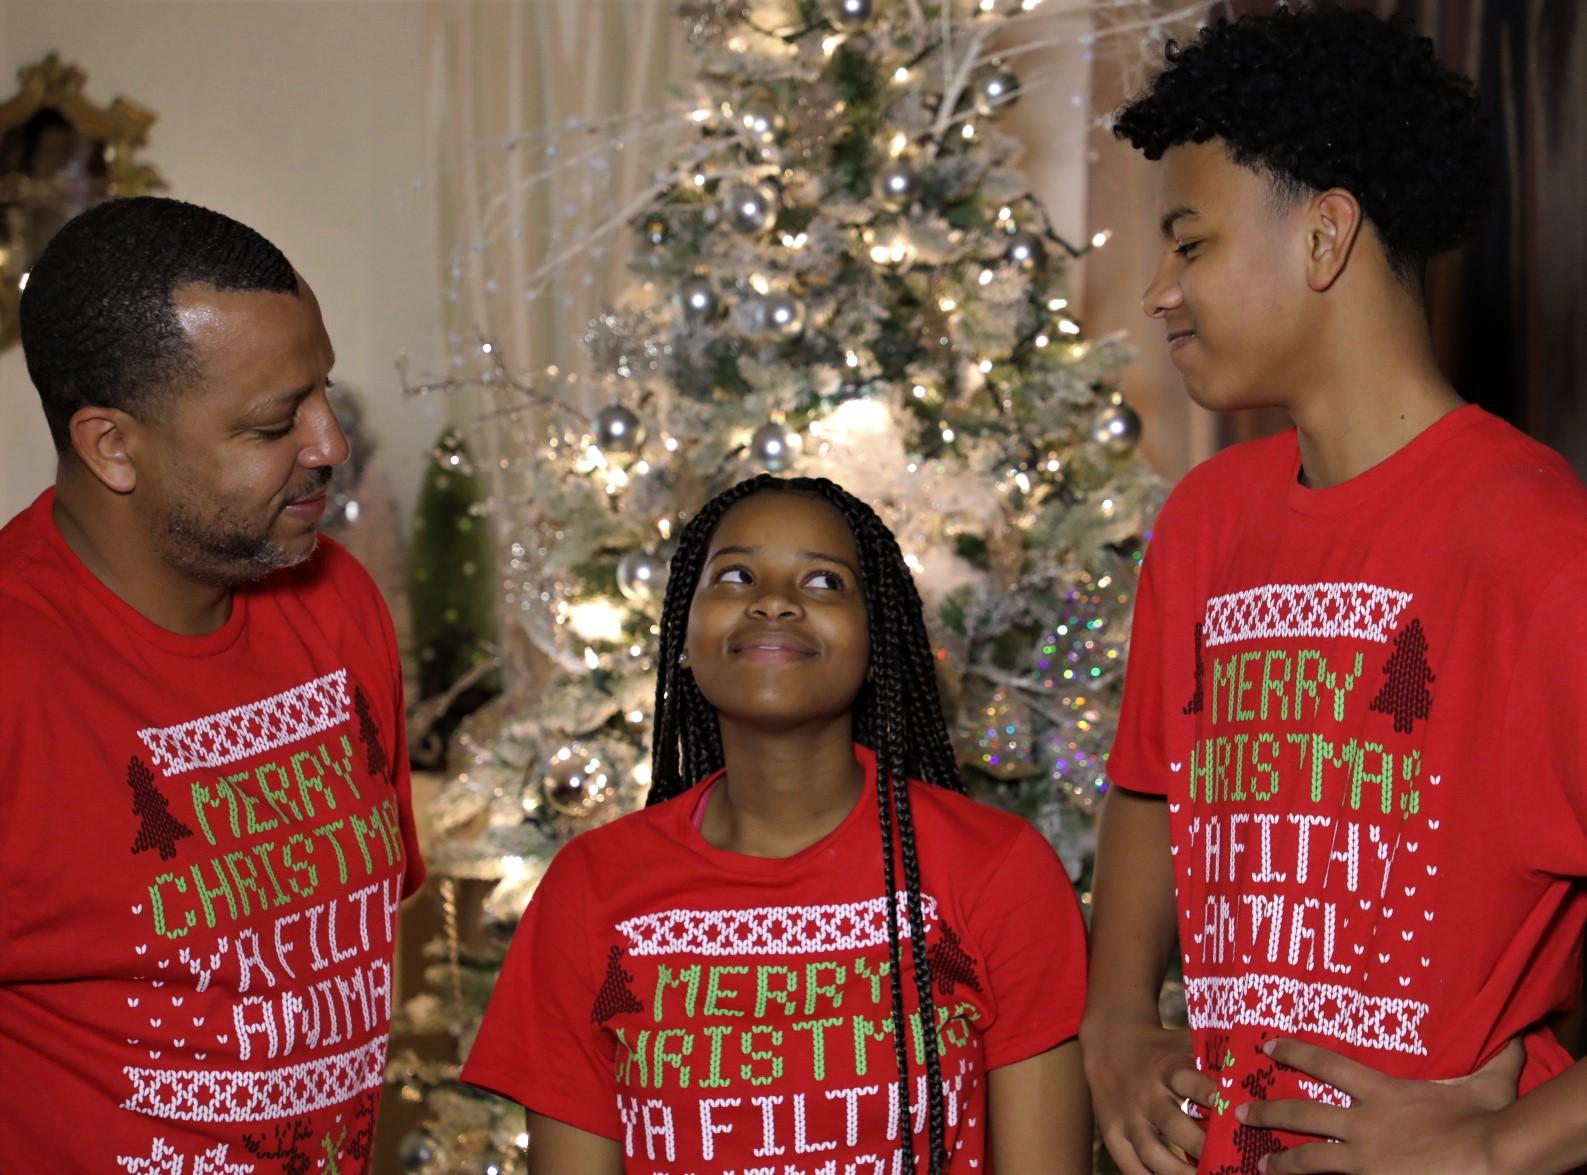 https://0201.nccdn.net/4_2/000/000/038/2d3/8l0a3887-christmas.jpg